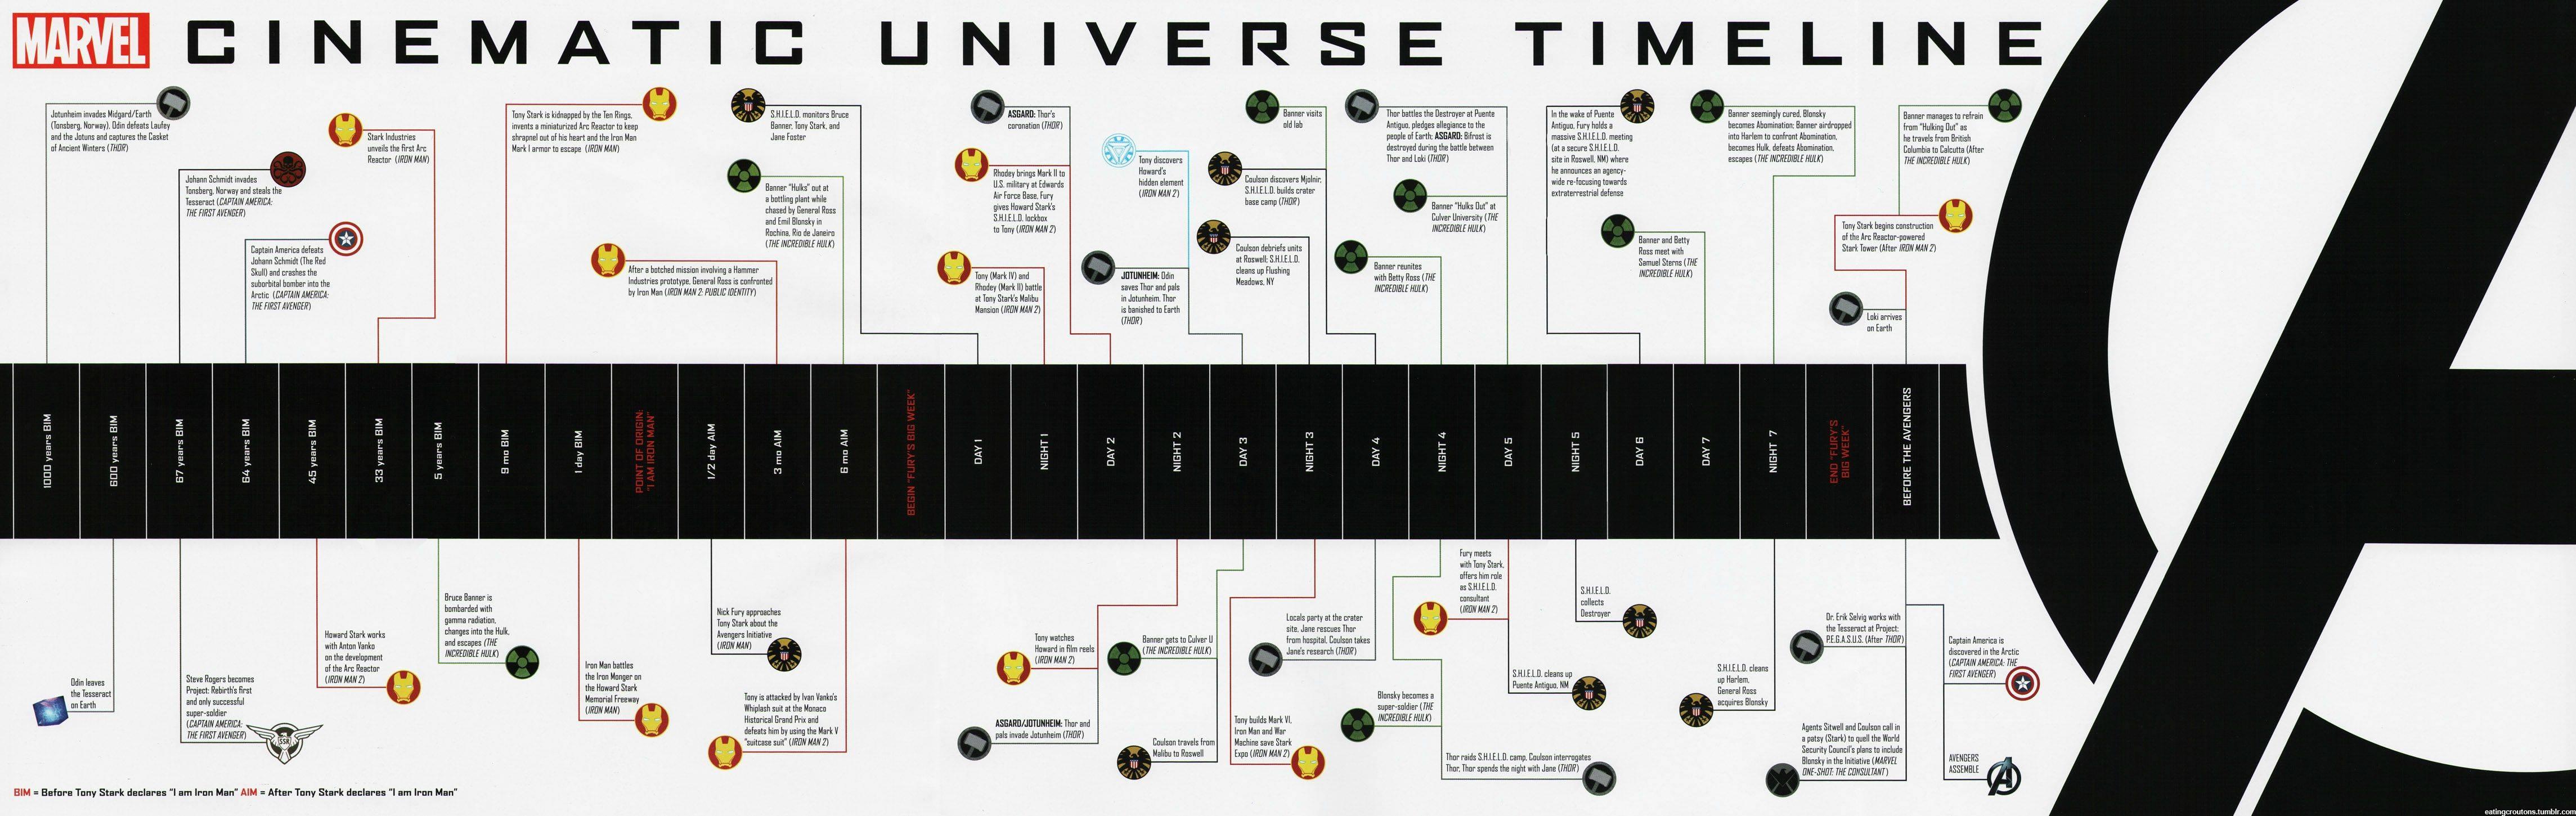 Timeline MCU